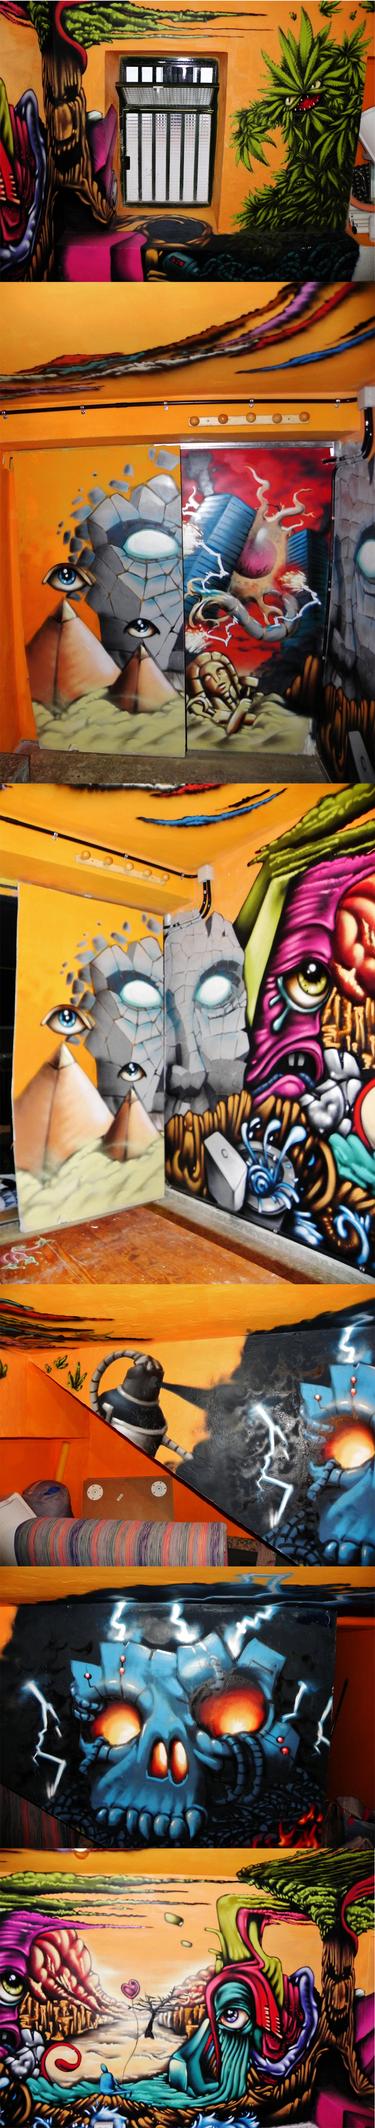 Kingstongrado by DavidStrife